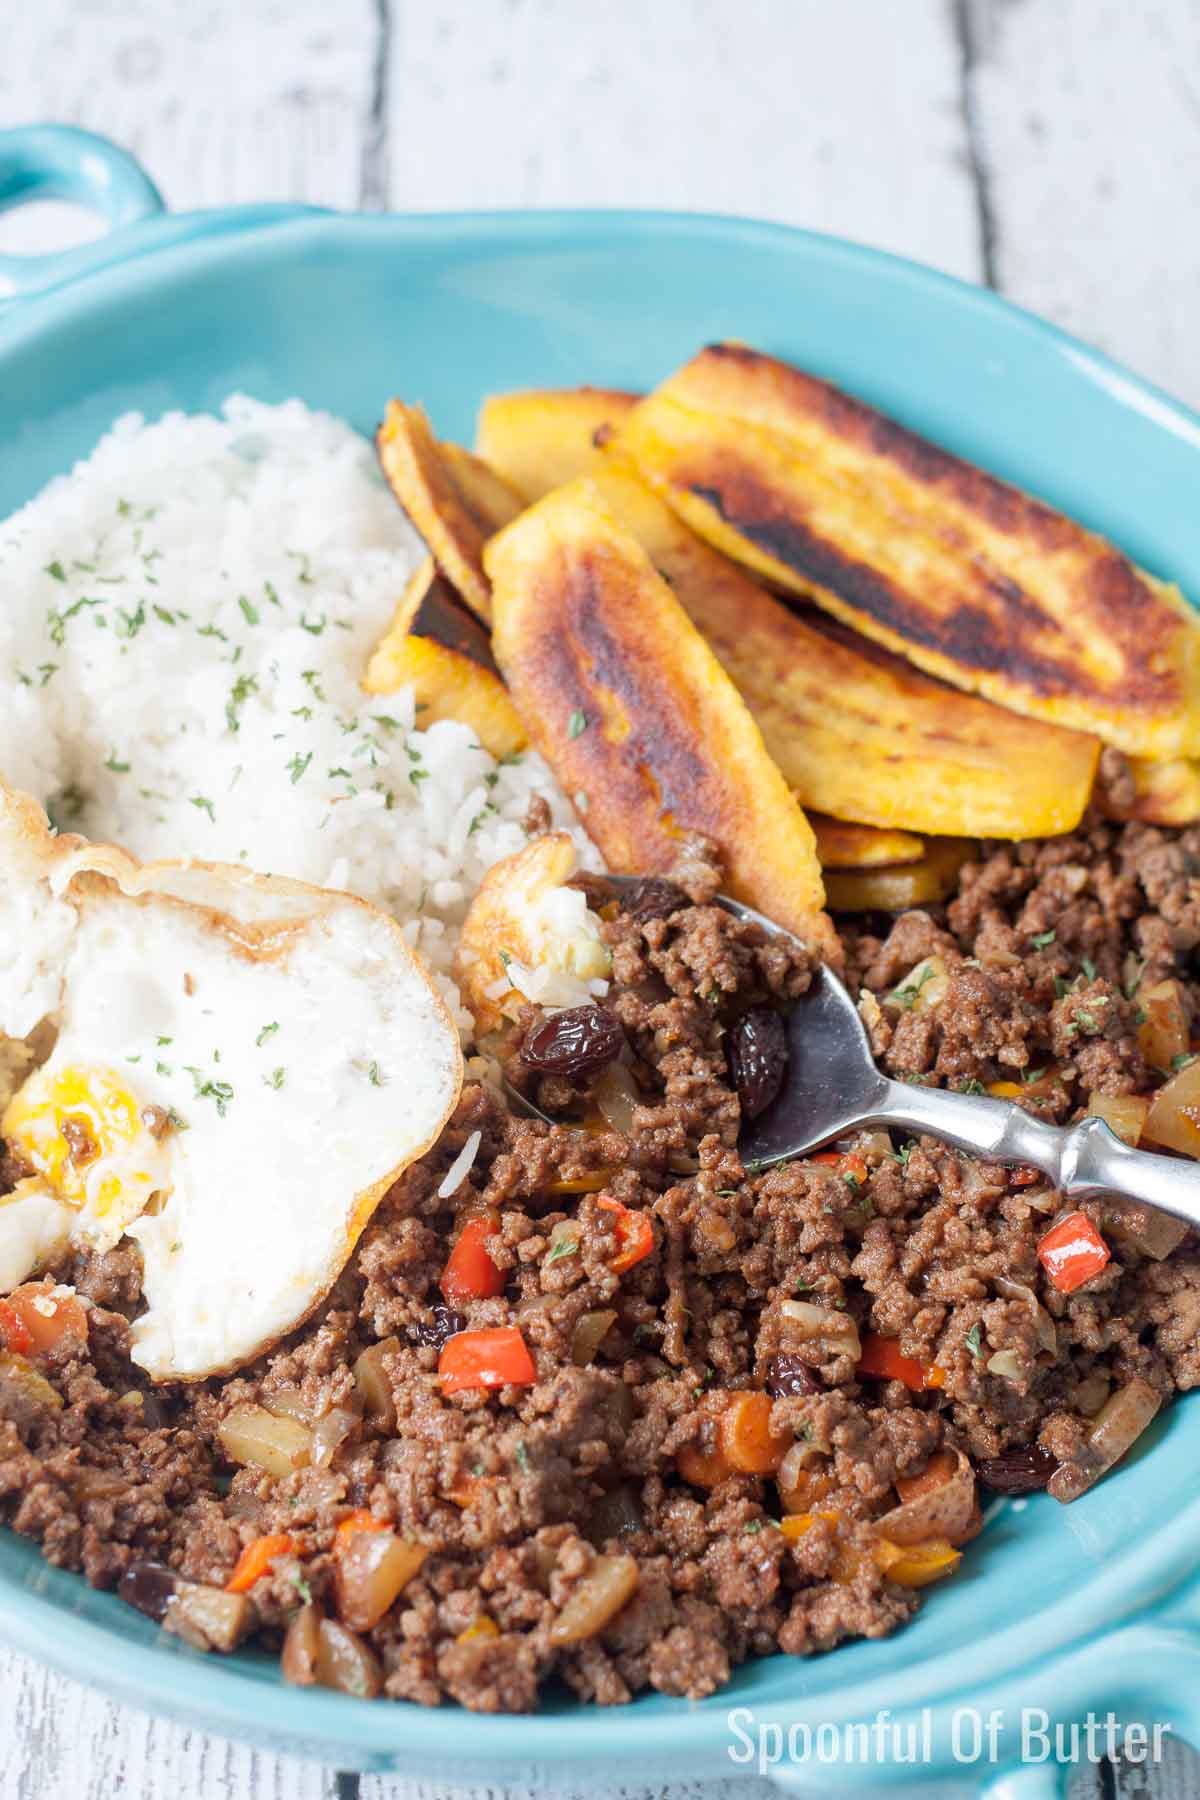 Arroz a la Cubana on a plate with a spoon